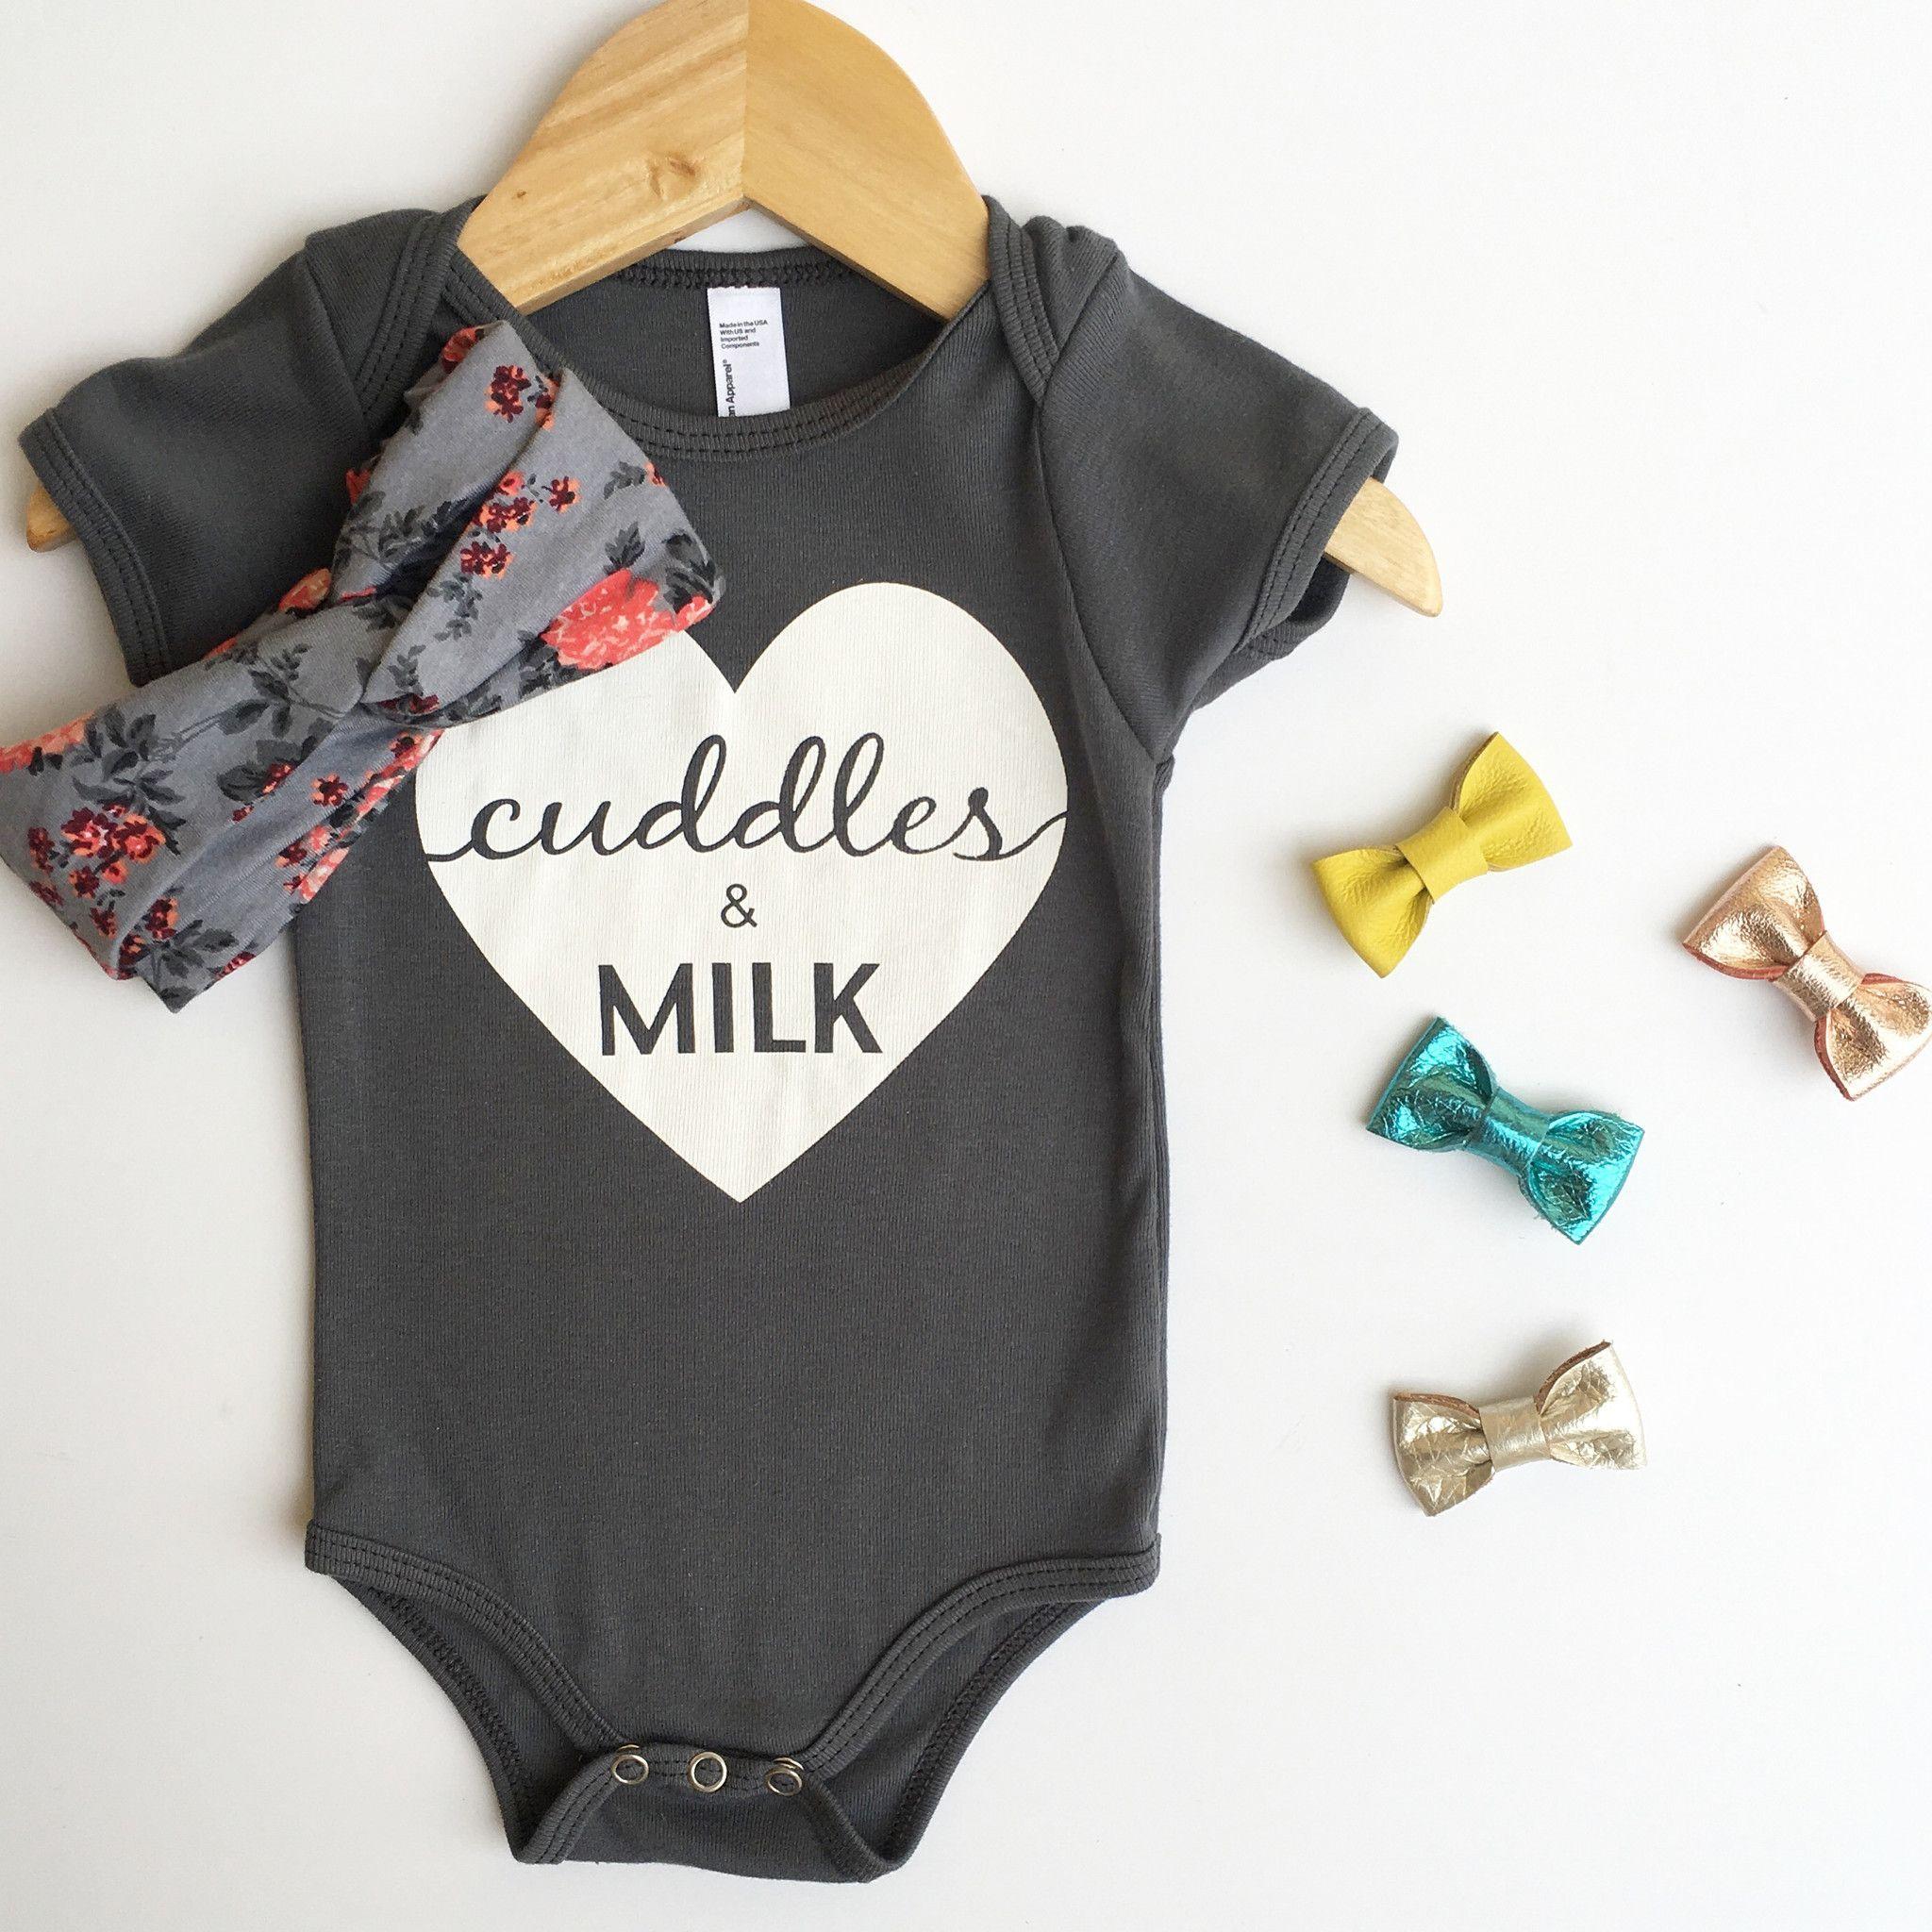 8ed40ab7d3e8 cuddles   milk